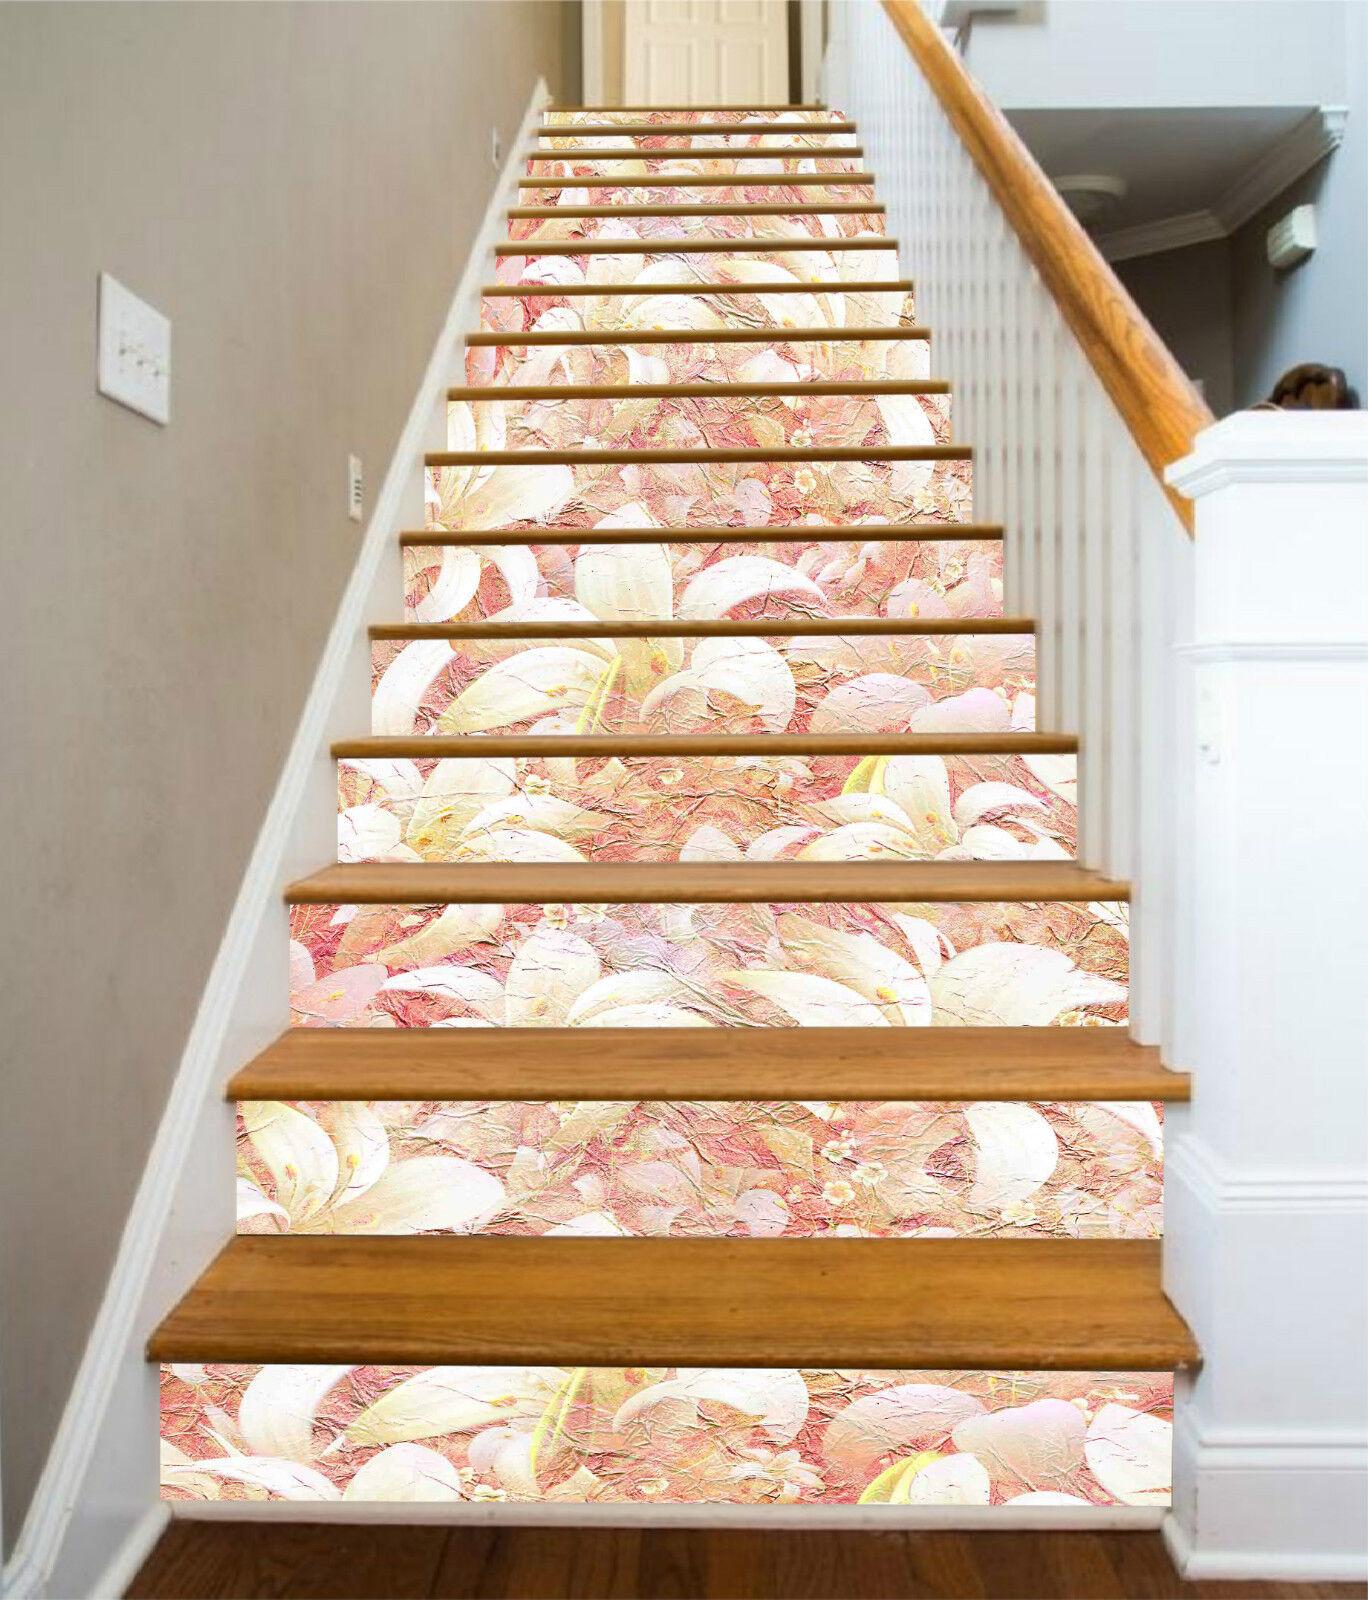 3D Blaume Falten 337 Stair Risers Dekoration Fototapete Vinyl Aufkleber Tapete DE